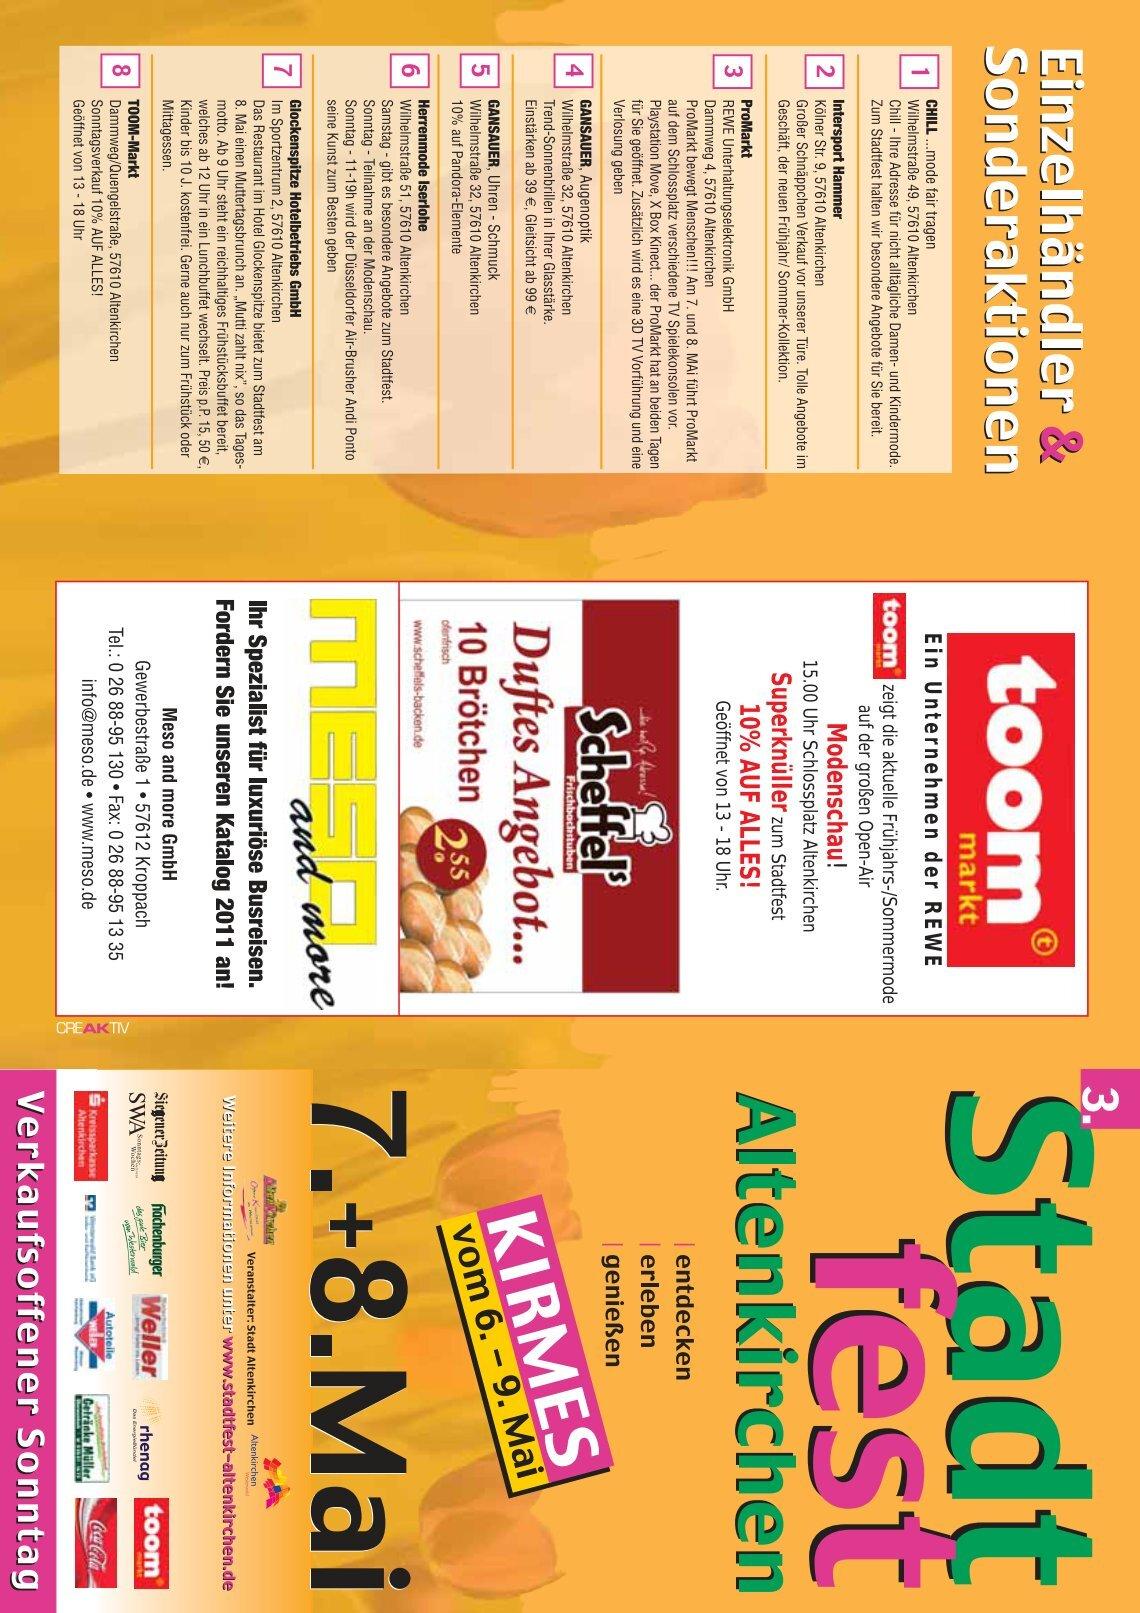 9ad5e9ec8fda0f 4 free Magazines from STADTFEST.ALTENKIRCHEN.DE